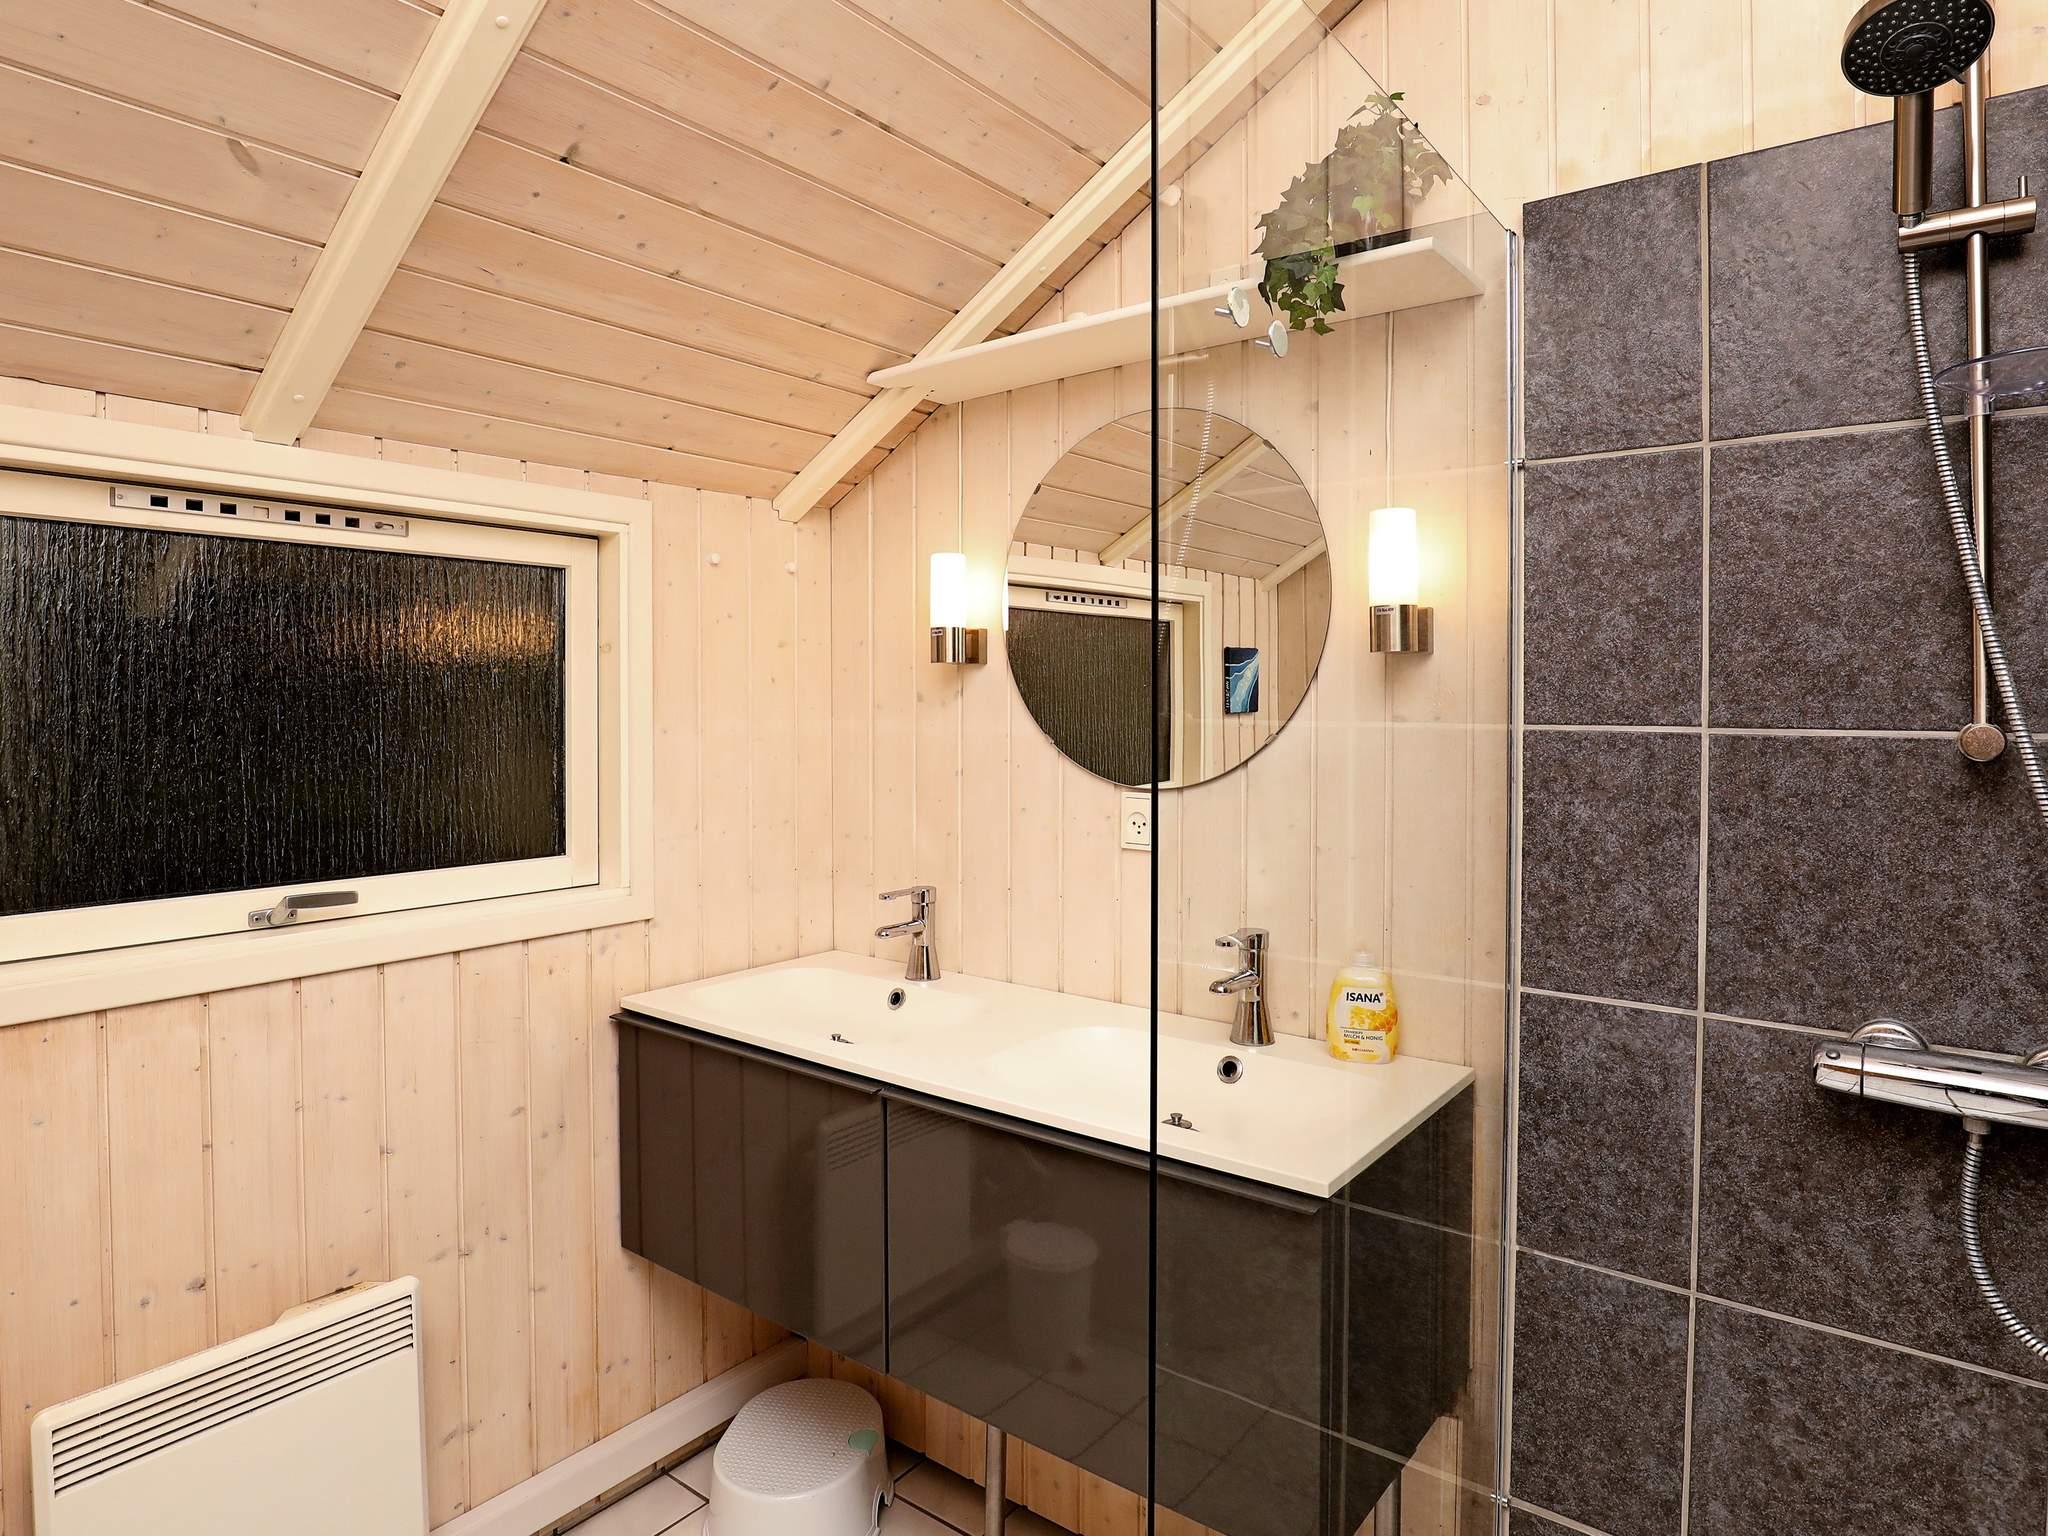 Ferienhaus Hals/Koldkær (81876), Hals, , Nordostjütland, Dänemark, Bild 4